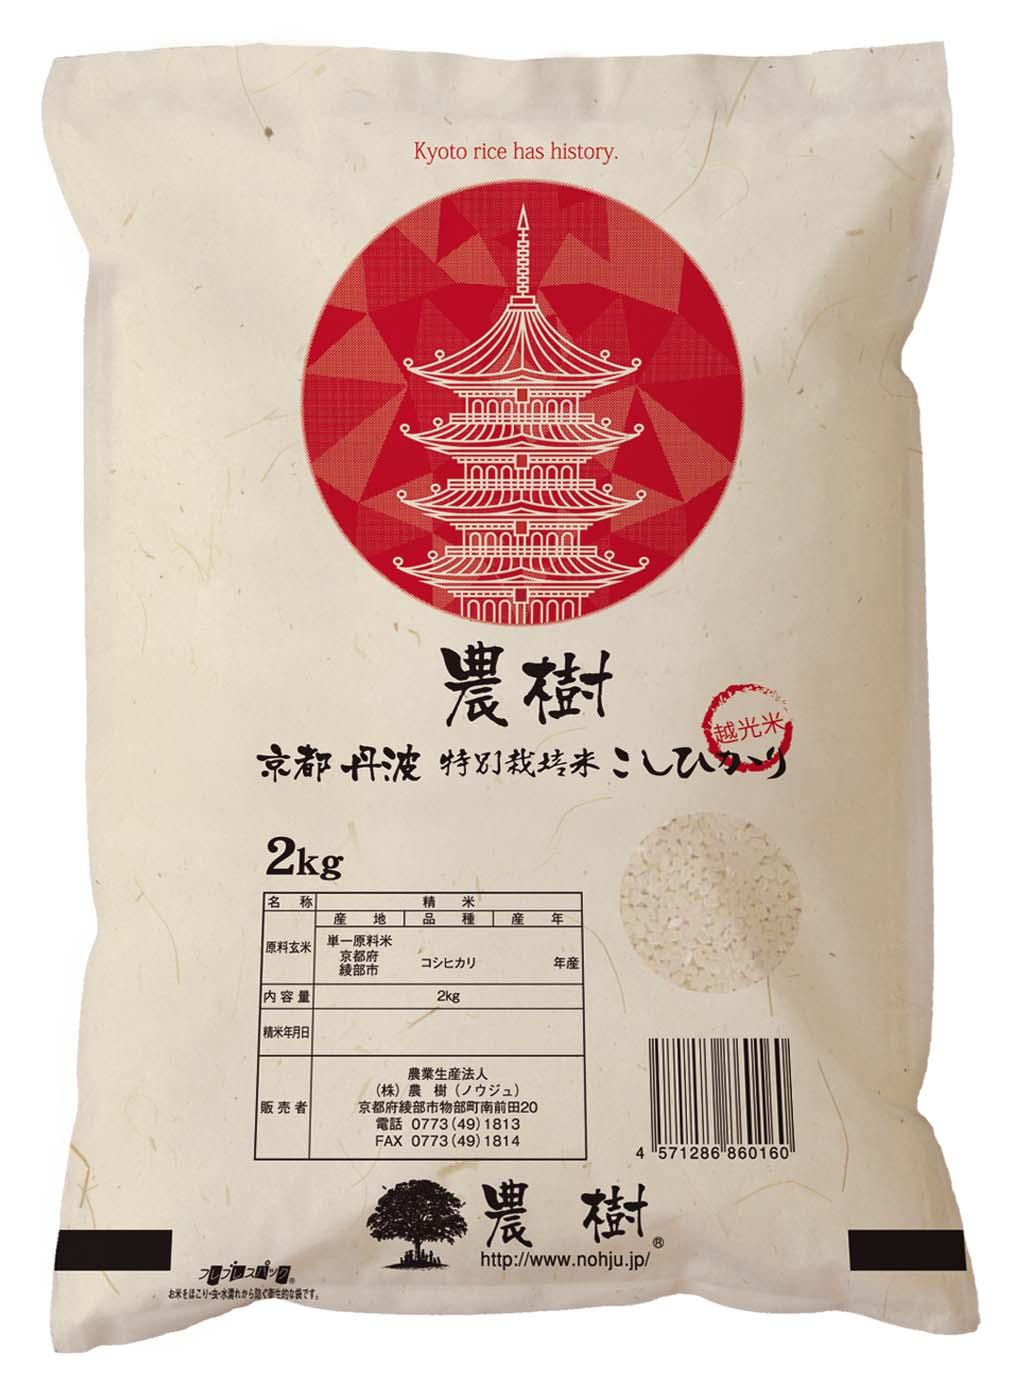 農樹コシヒカリ/Kyoto rice has history 2kg